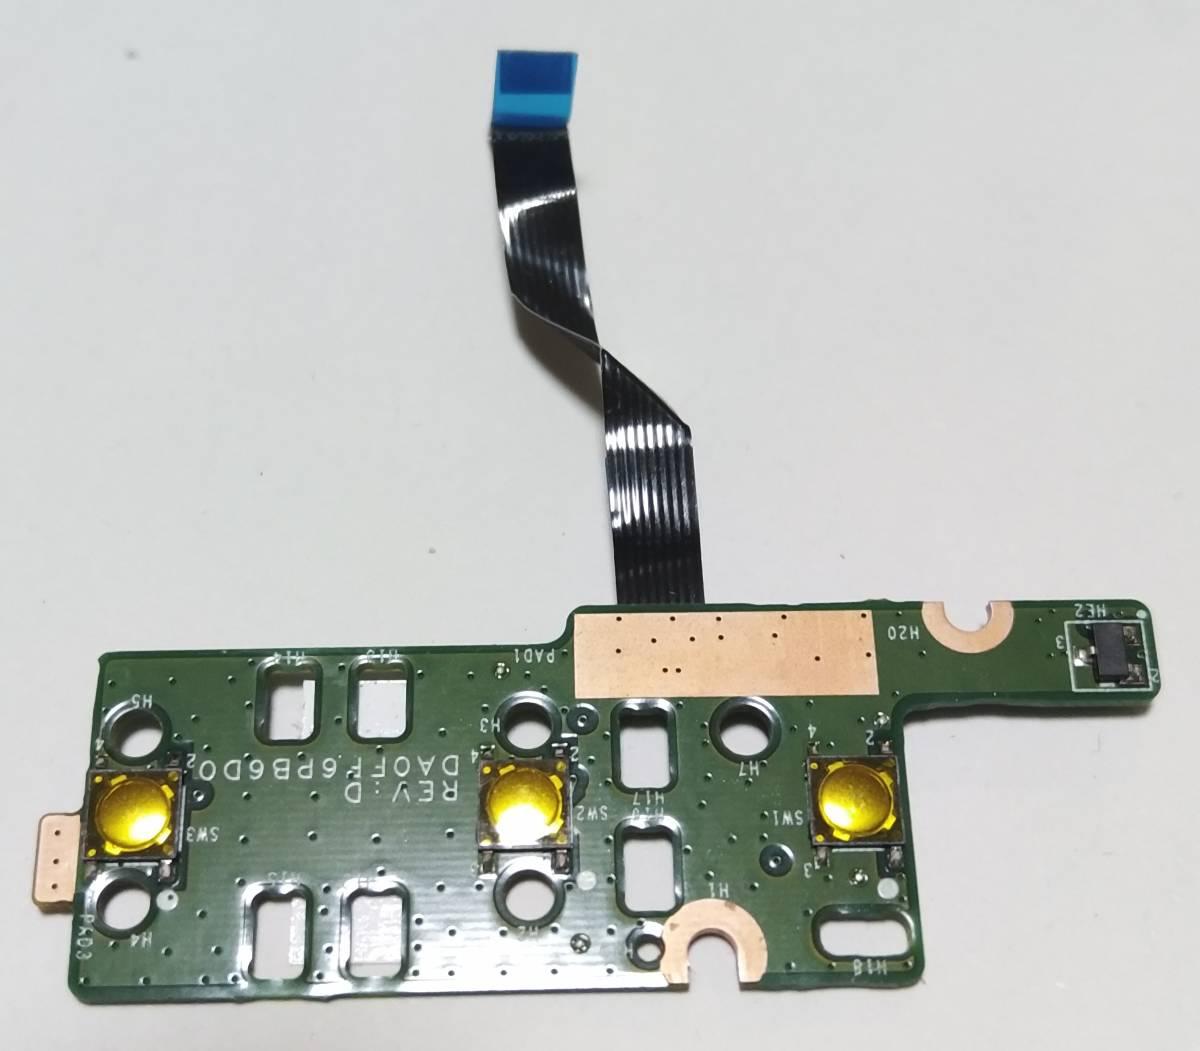 LS150/SS LS150/SSB LS150/SSR LS150/SSW PC-LS150SSB PC-LS150SSR PC-LS150SSW 電源スイッチ基板 動作確認済中古品 送料無料